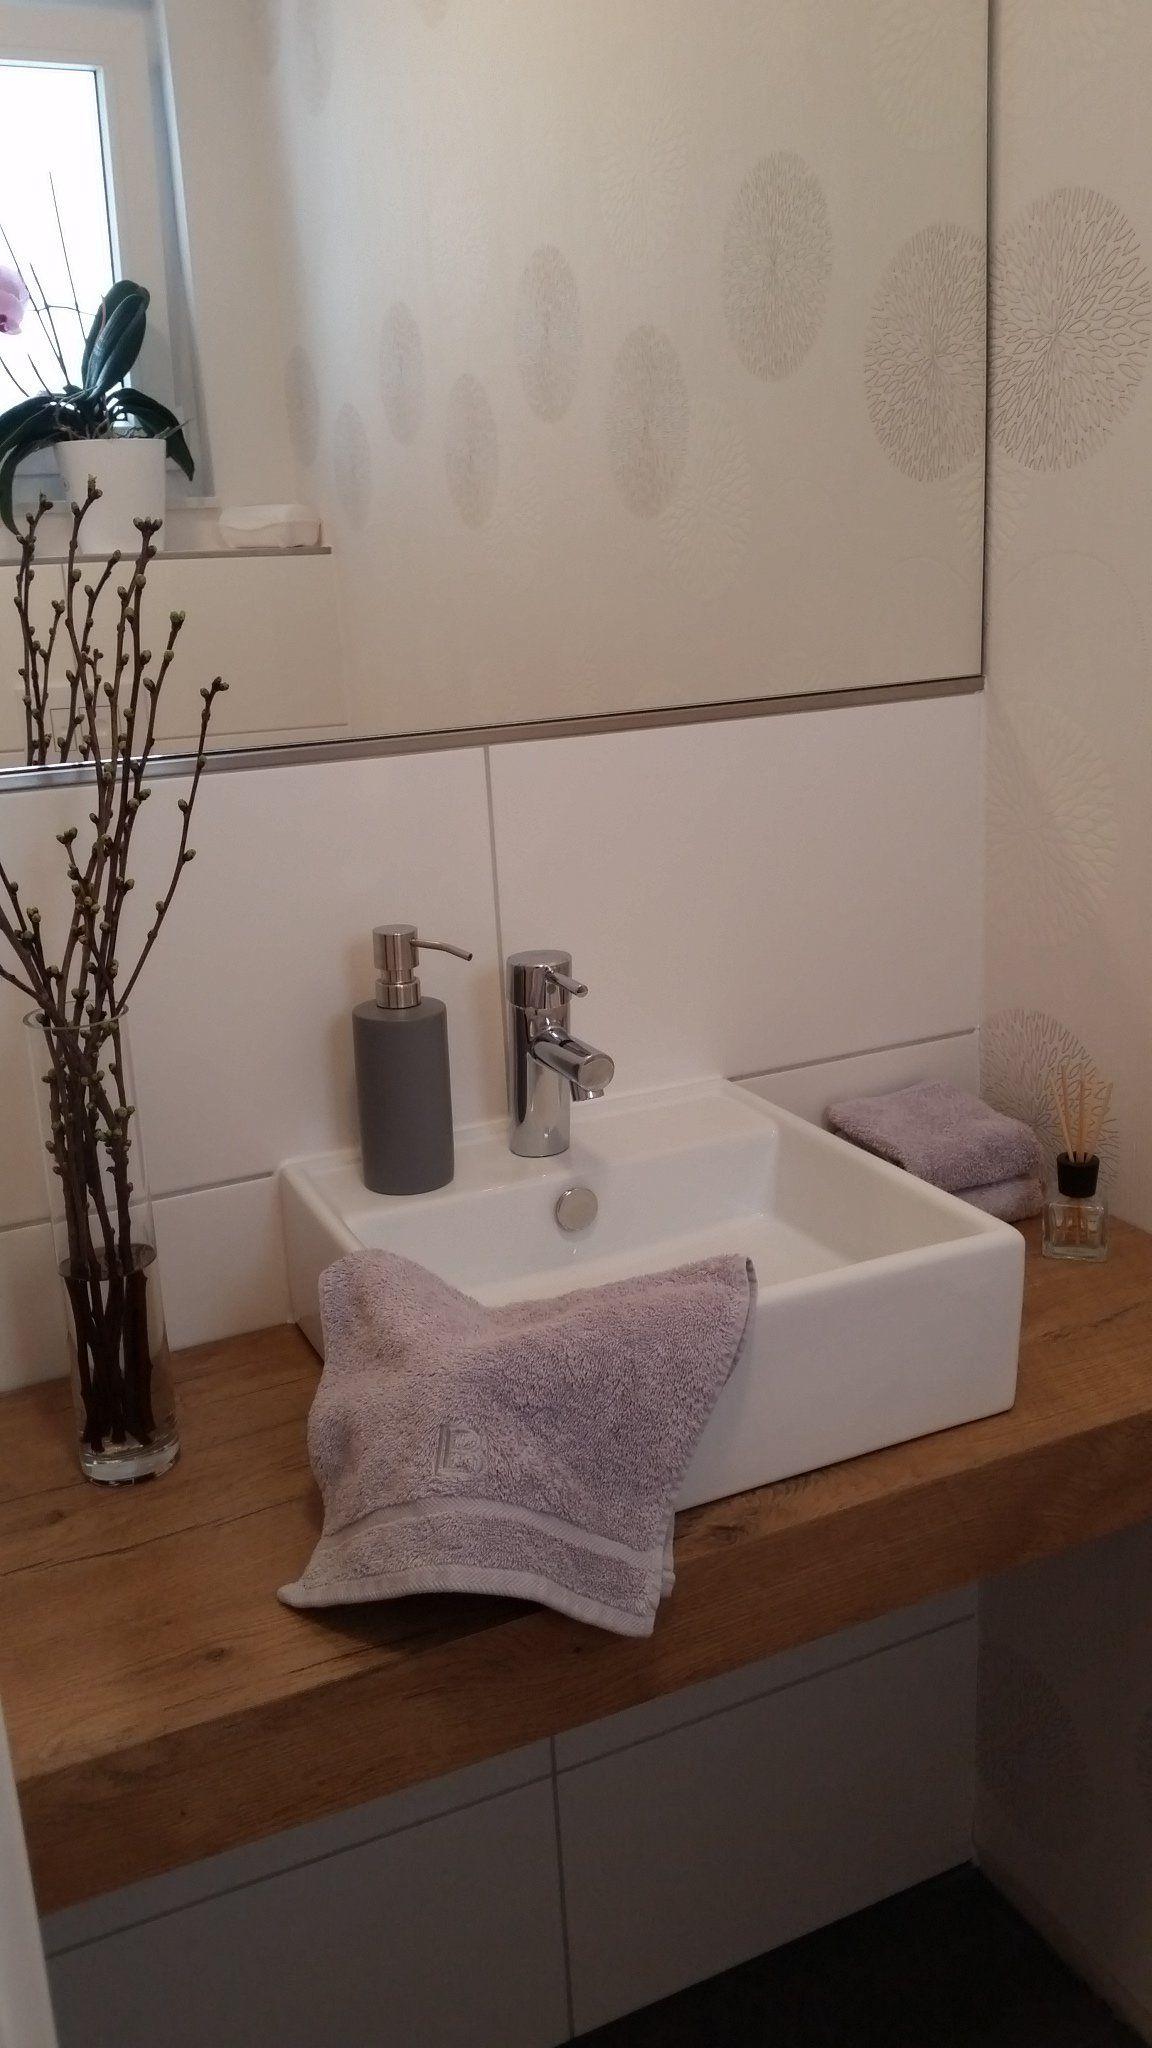 g ste sind herzlich willkommen farbfamilie badezimmer baden und g ste wc. Black Bedroom Furniture Sets. Home Design Ideas